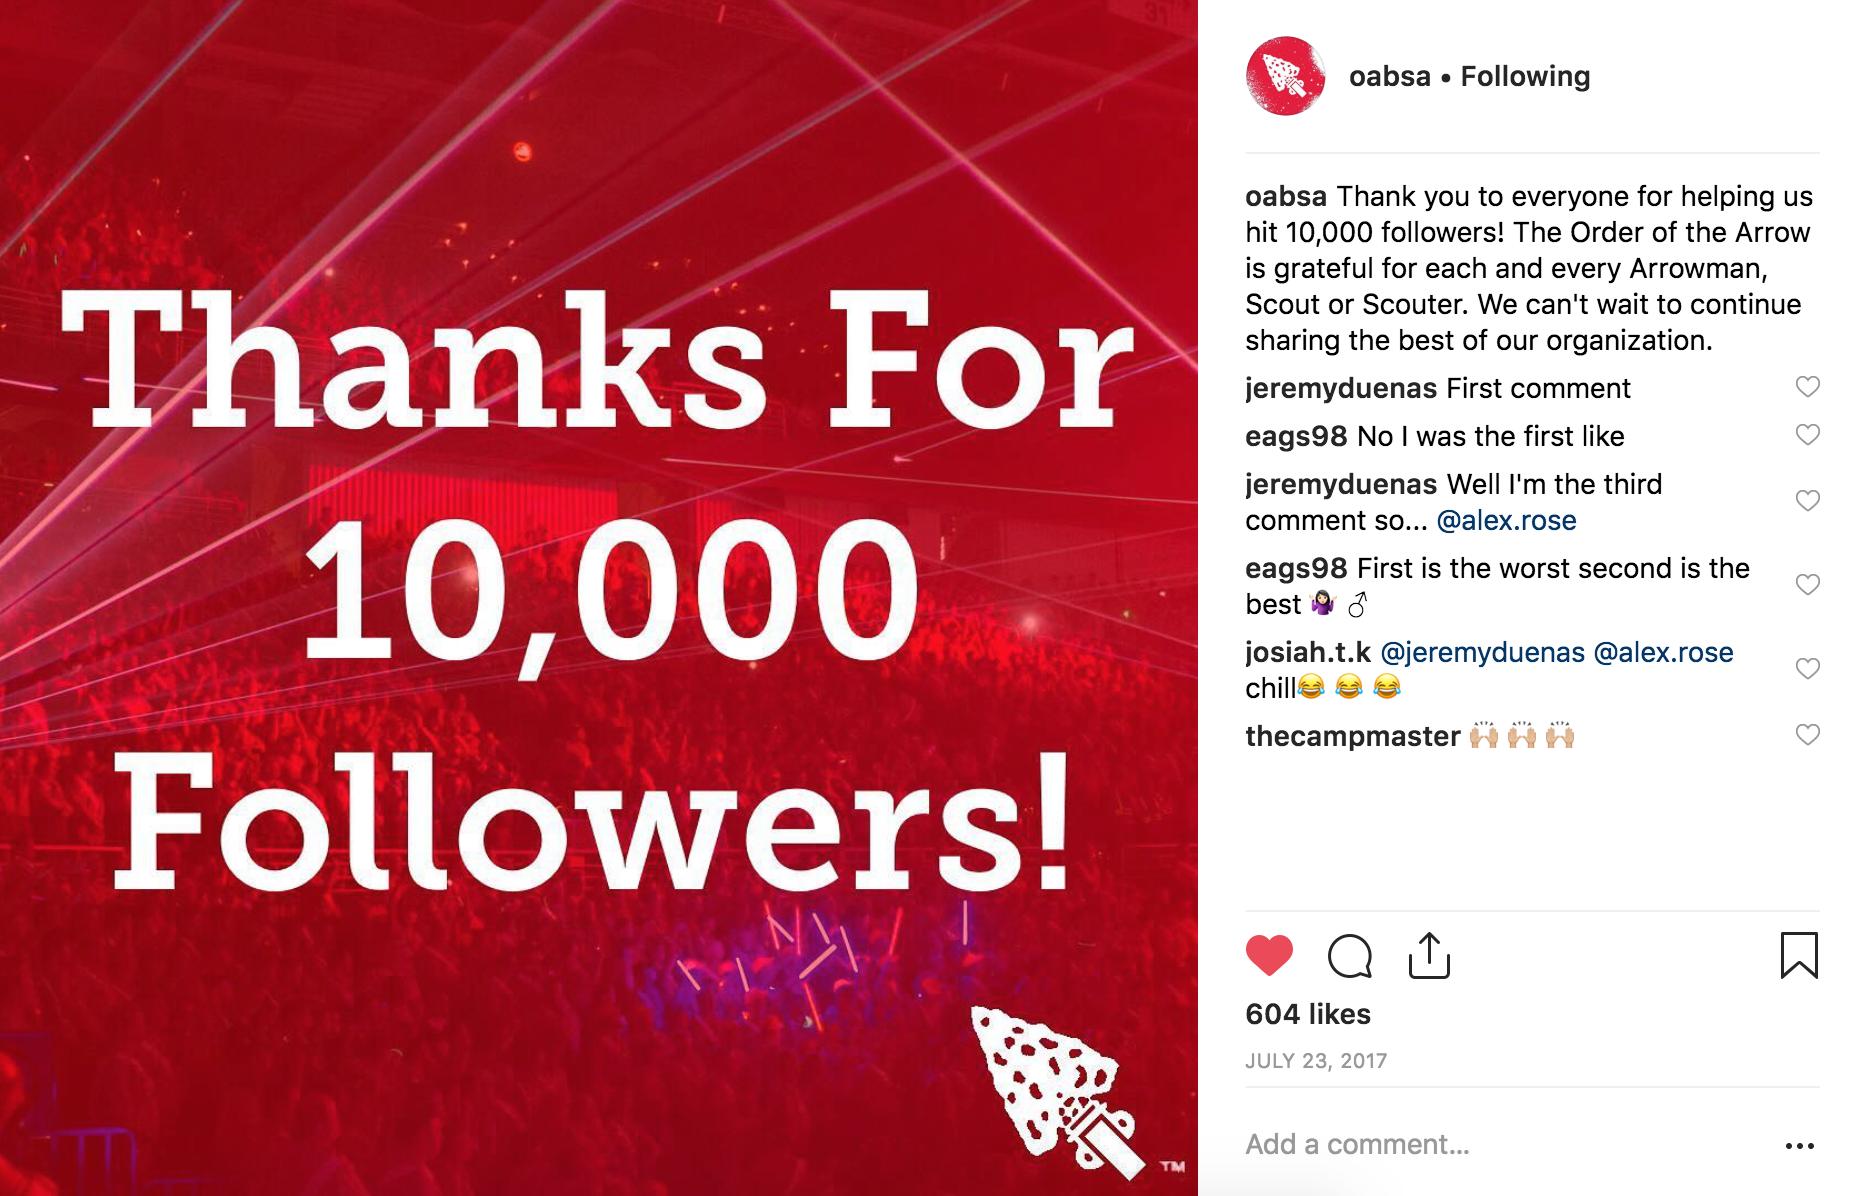 10,000 followers on Instagram